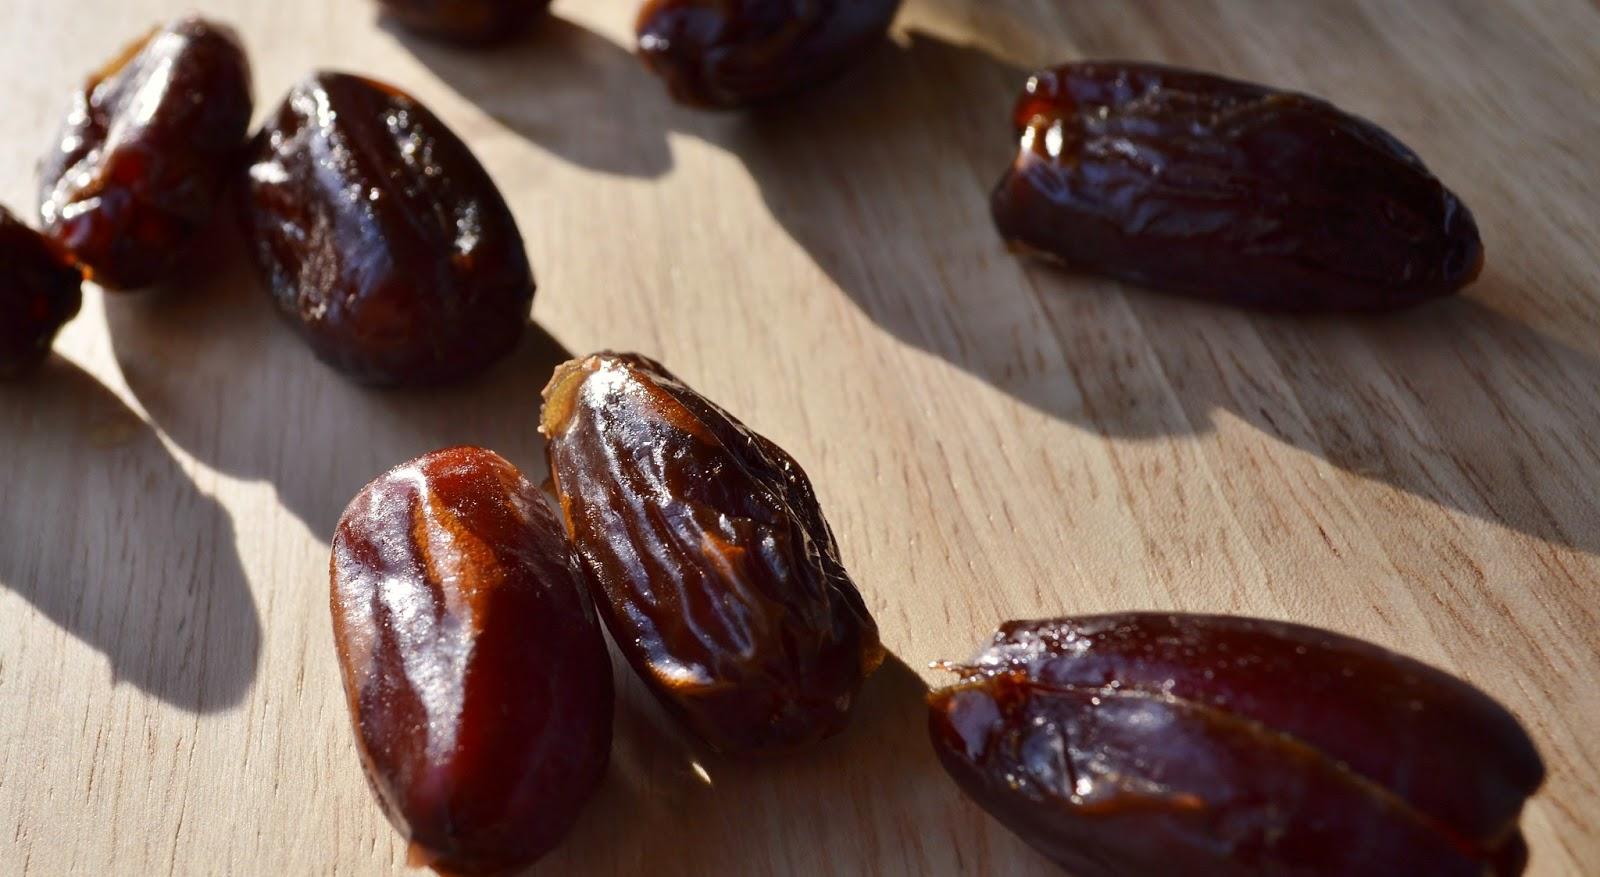 nettdating gratis dates fruit